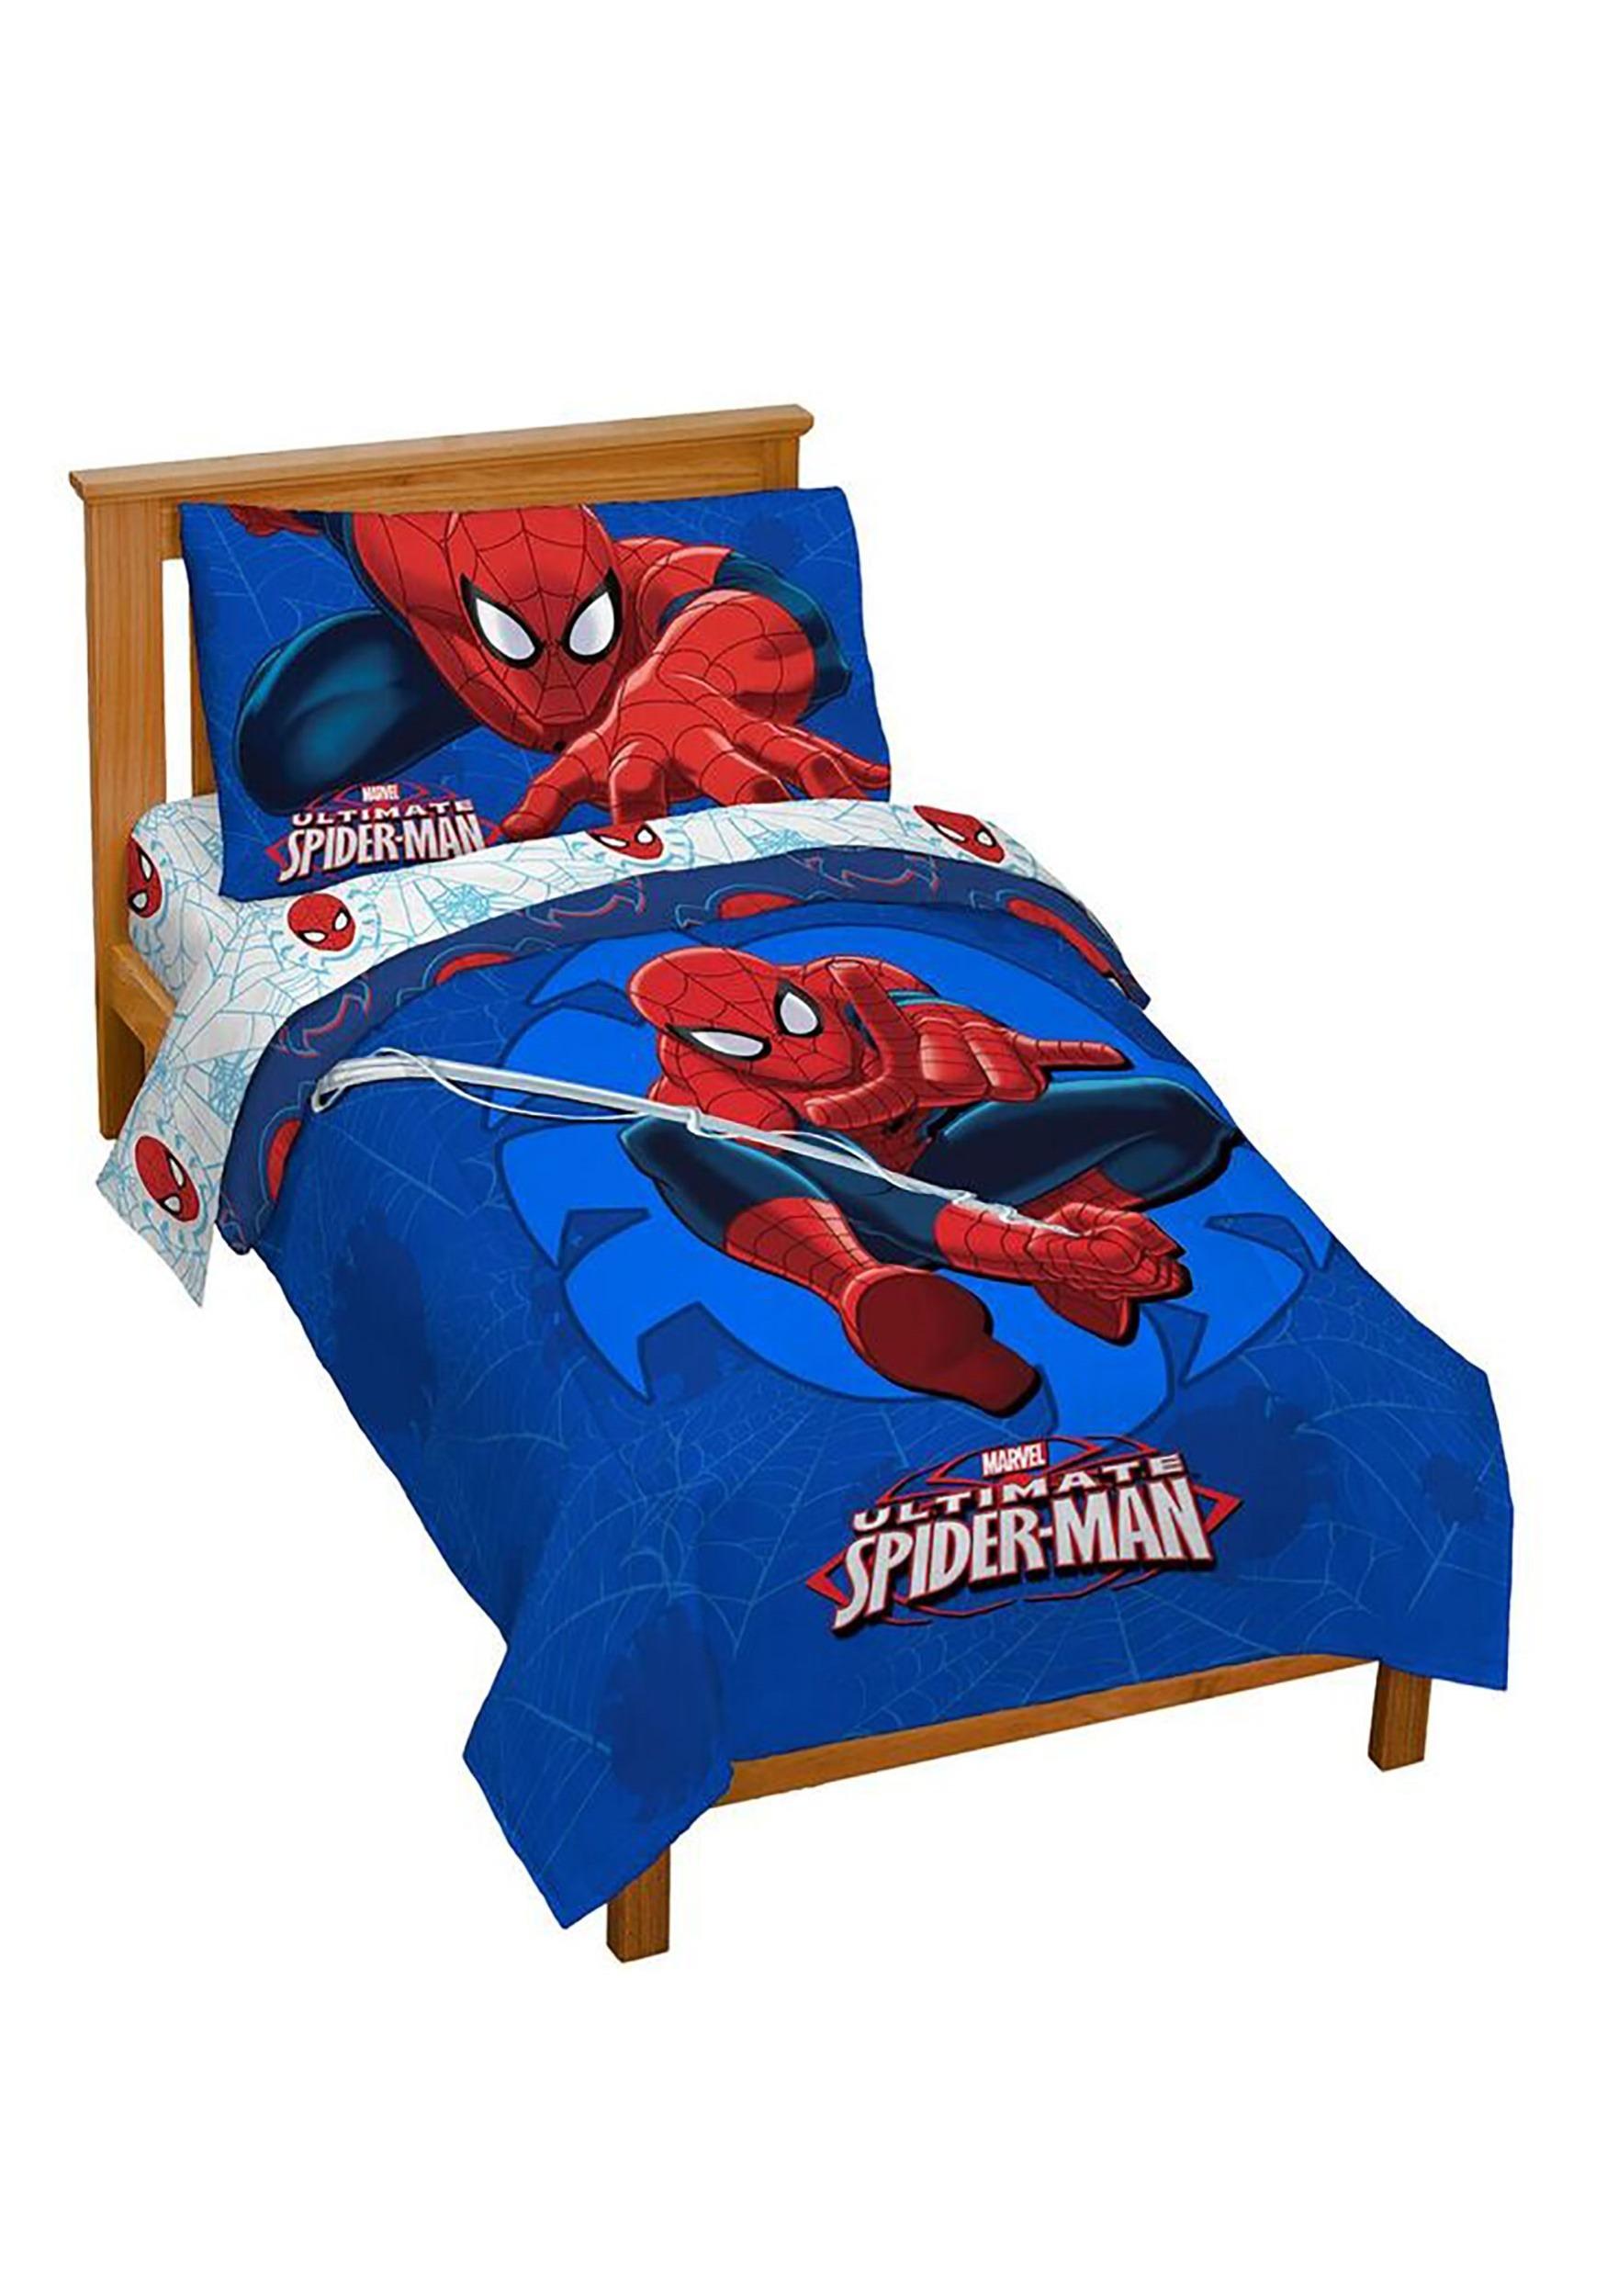 Marvel Spider-Man Regulator Toddler Bed Set